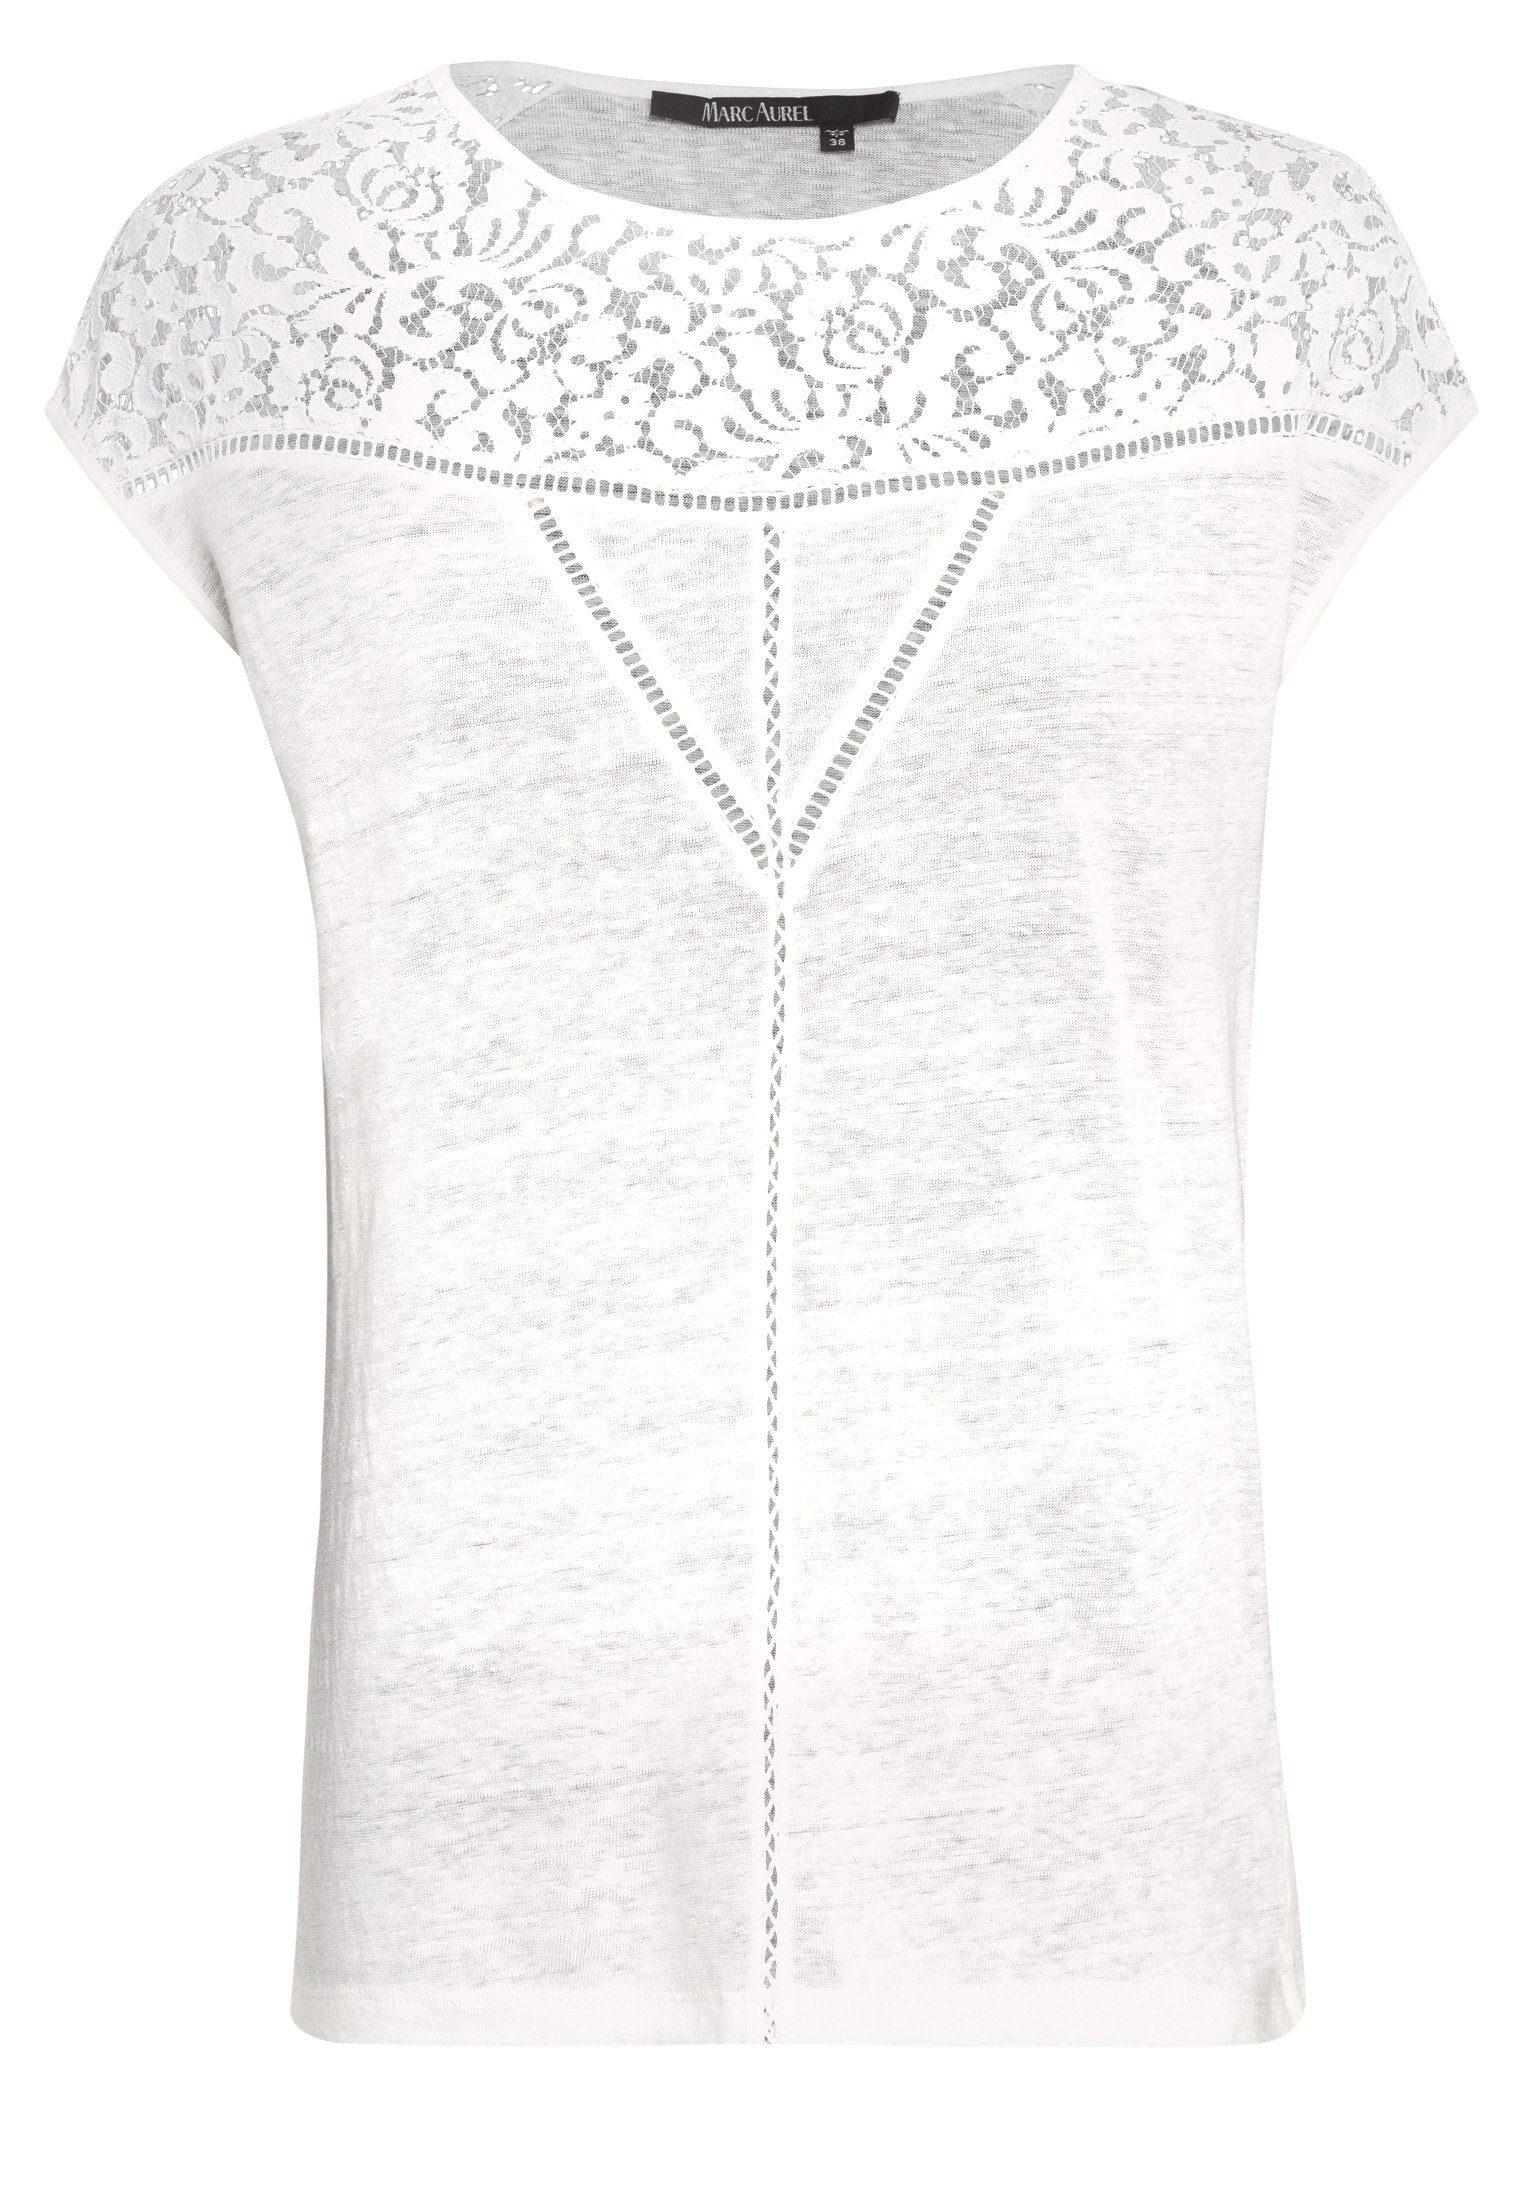 MARC AUREL T-Shirt mit Spitzeneinsätzen, Angenehme Leinenqualität